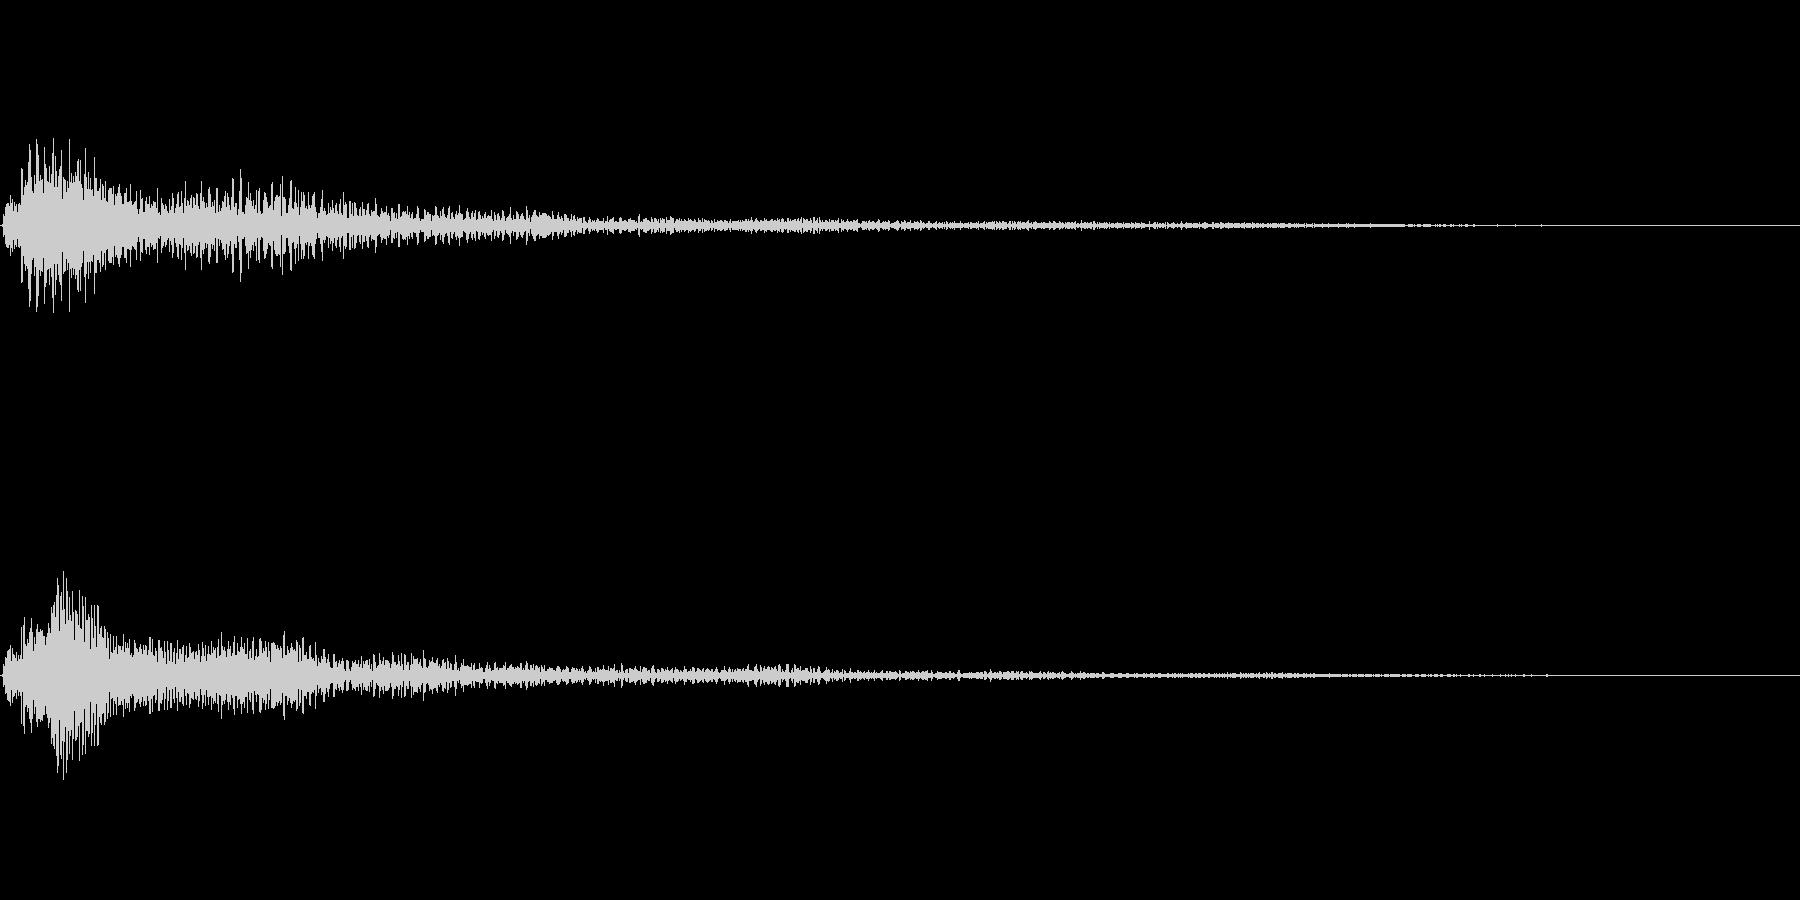 ファンタジー かわいい効果音 決定系11の未再生の波形